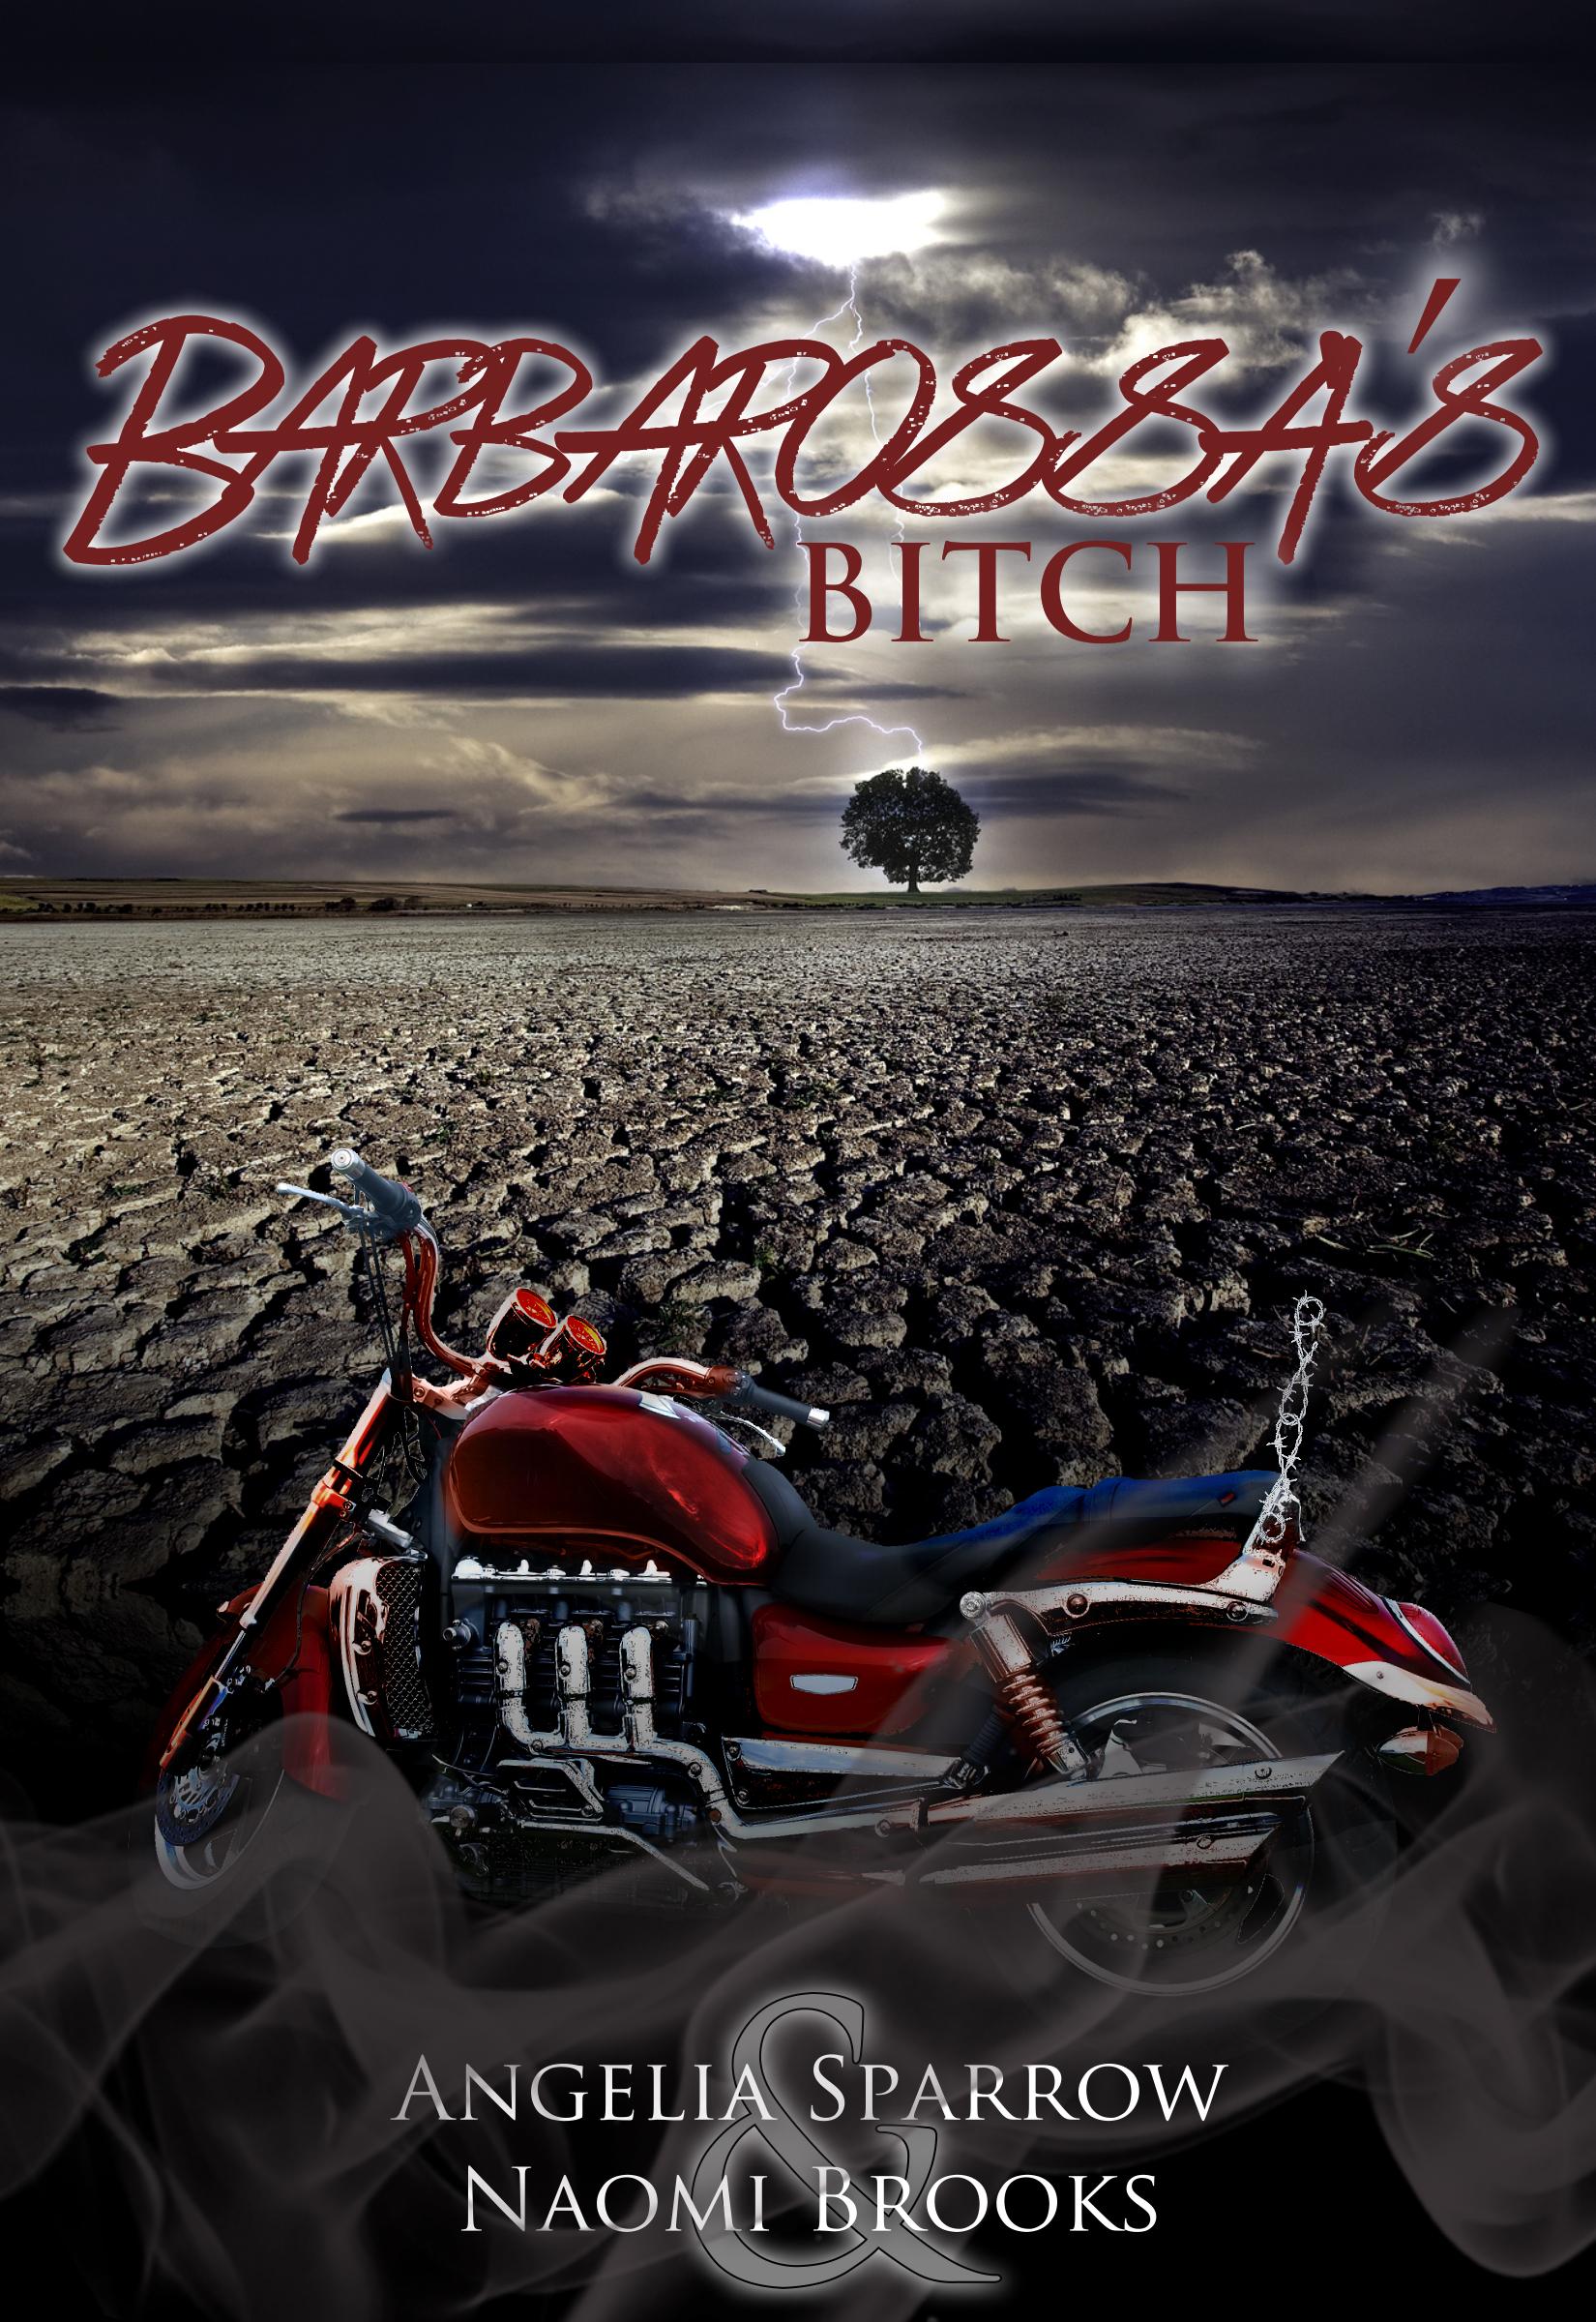 xBarbBitch_highres